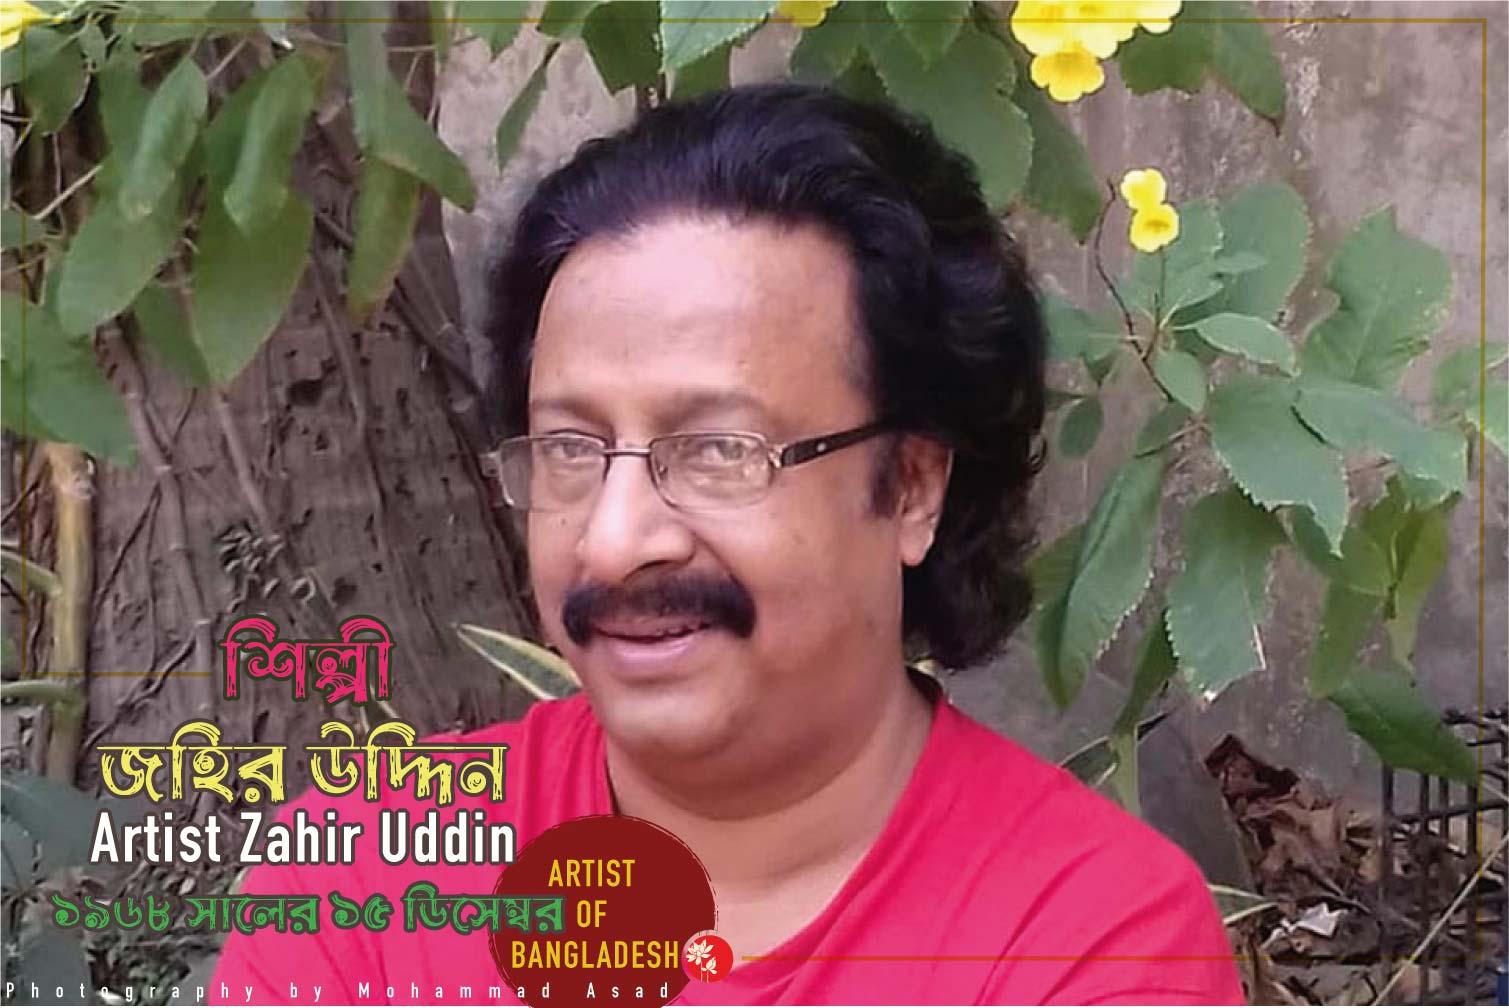 শিল্পী জহির উদ্দিন